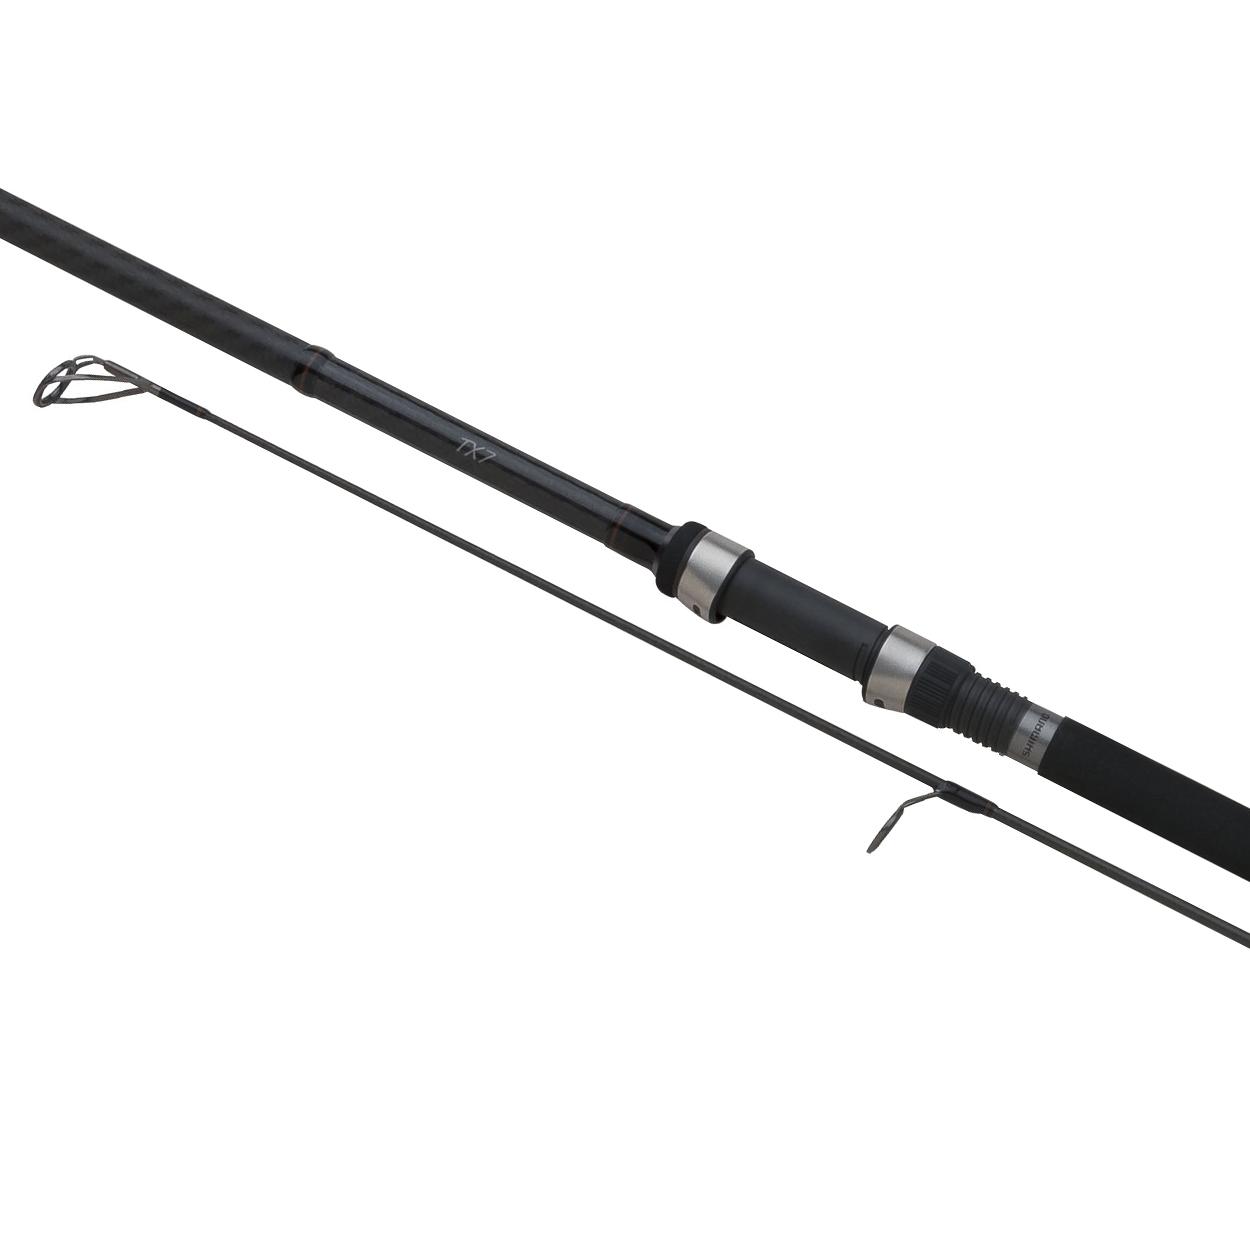 Удилище карповое SHIMANO TRIBAL TX-7 13 INTENSITY (+ Леска в подарок!) стоимость